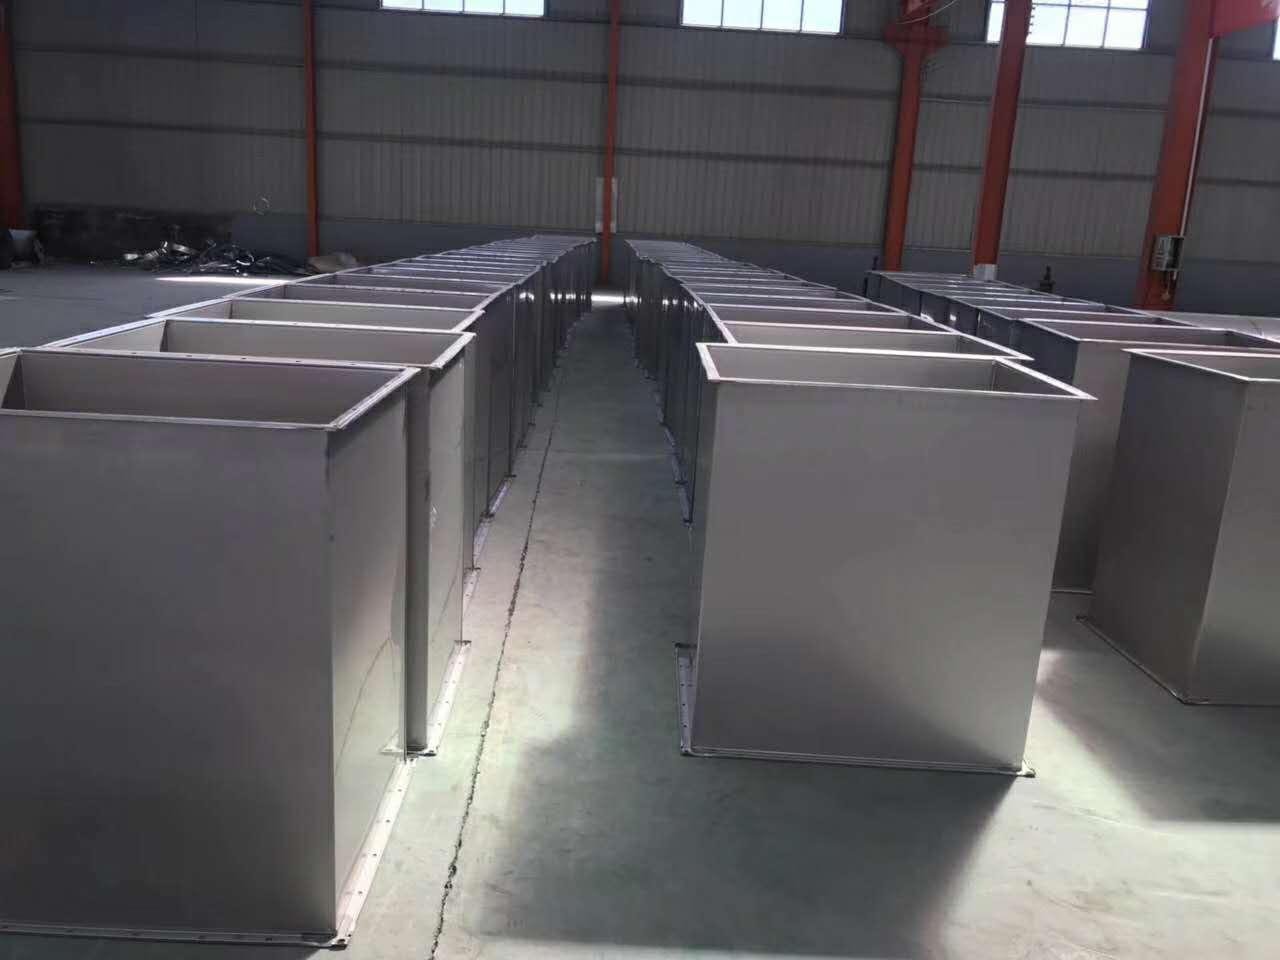 方形白铁皮排风管定制 不锈钢风管现货供应排烟排气风管定制